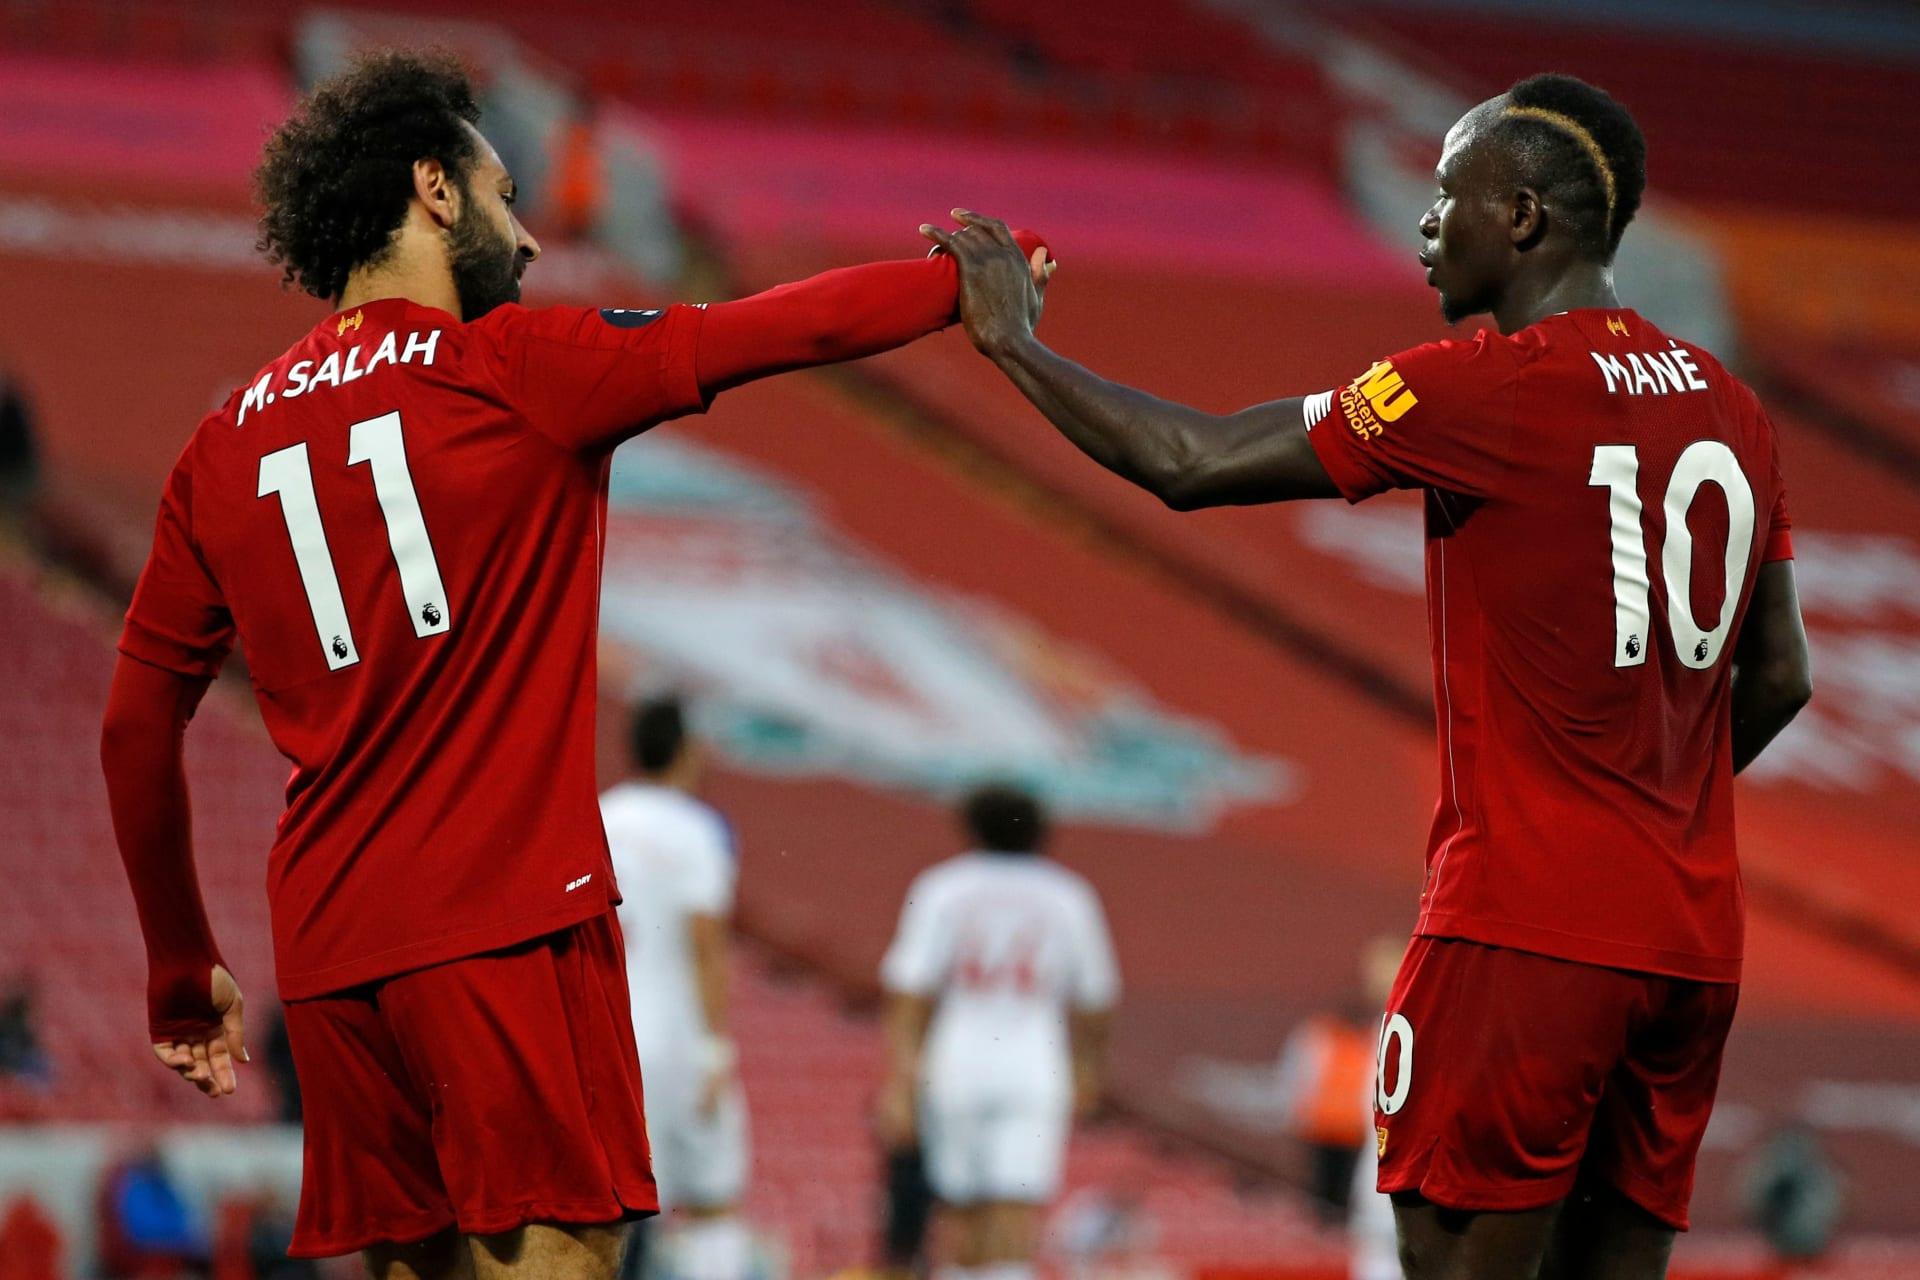 ساديو ماني ومحمد صلاح يتبادلان التحية بعد إحراز المهاجم المصري لهدف ليفربول الثاني في كريستال بالاس